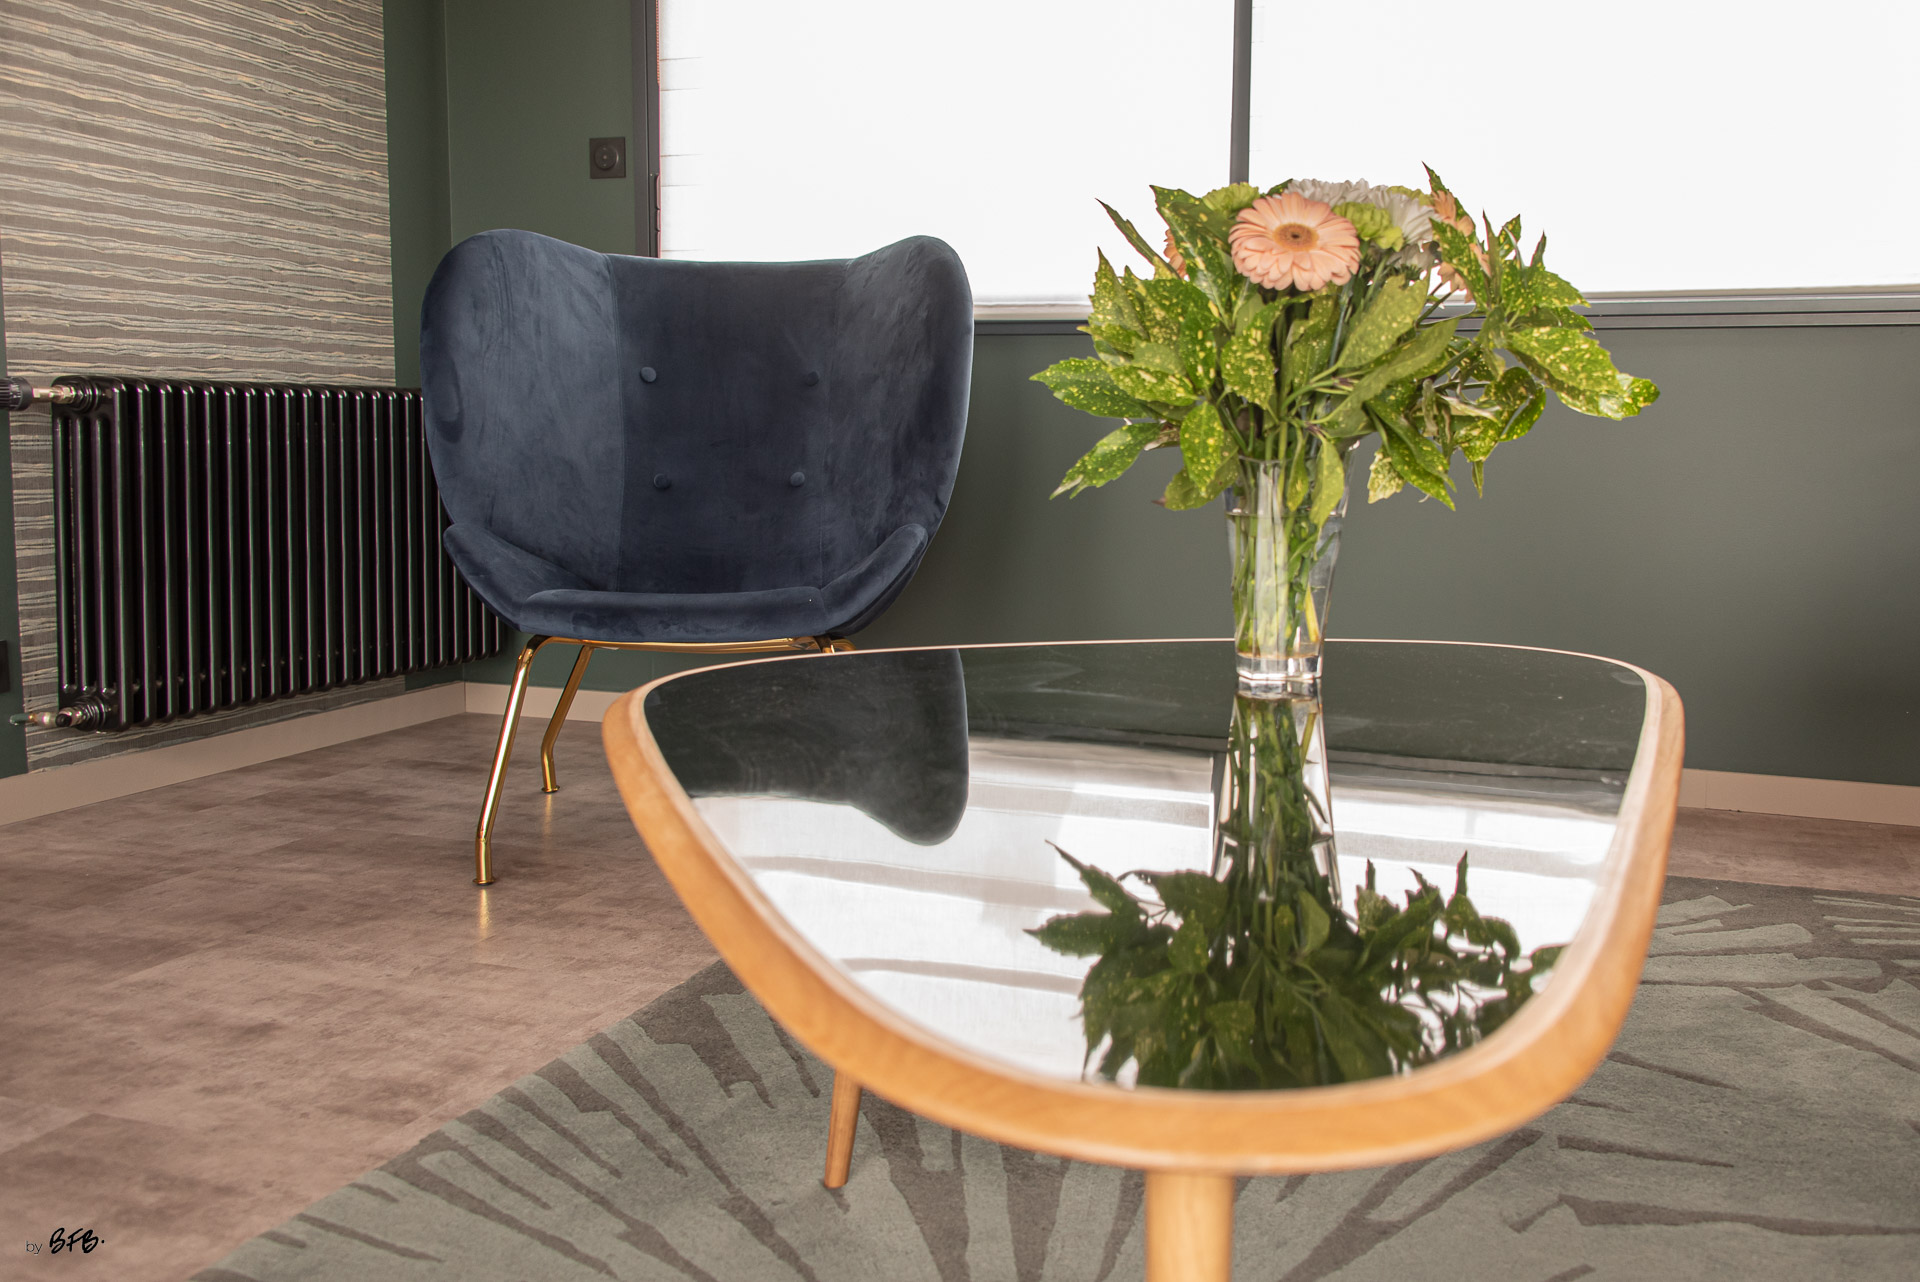 Création ambiance, rénovation, extension, maison à Brest, by Agence BFB Morbihan & Ile de Ré, fauteuil bleu en velours, tapis vert @Red Edition et revêtement mural @Arte